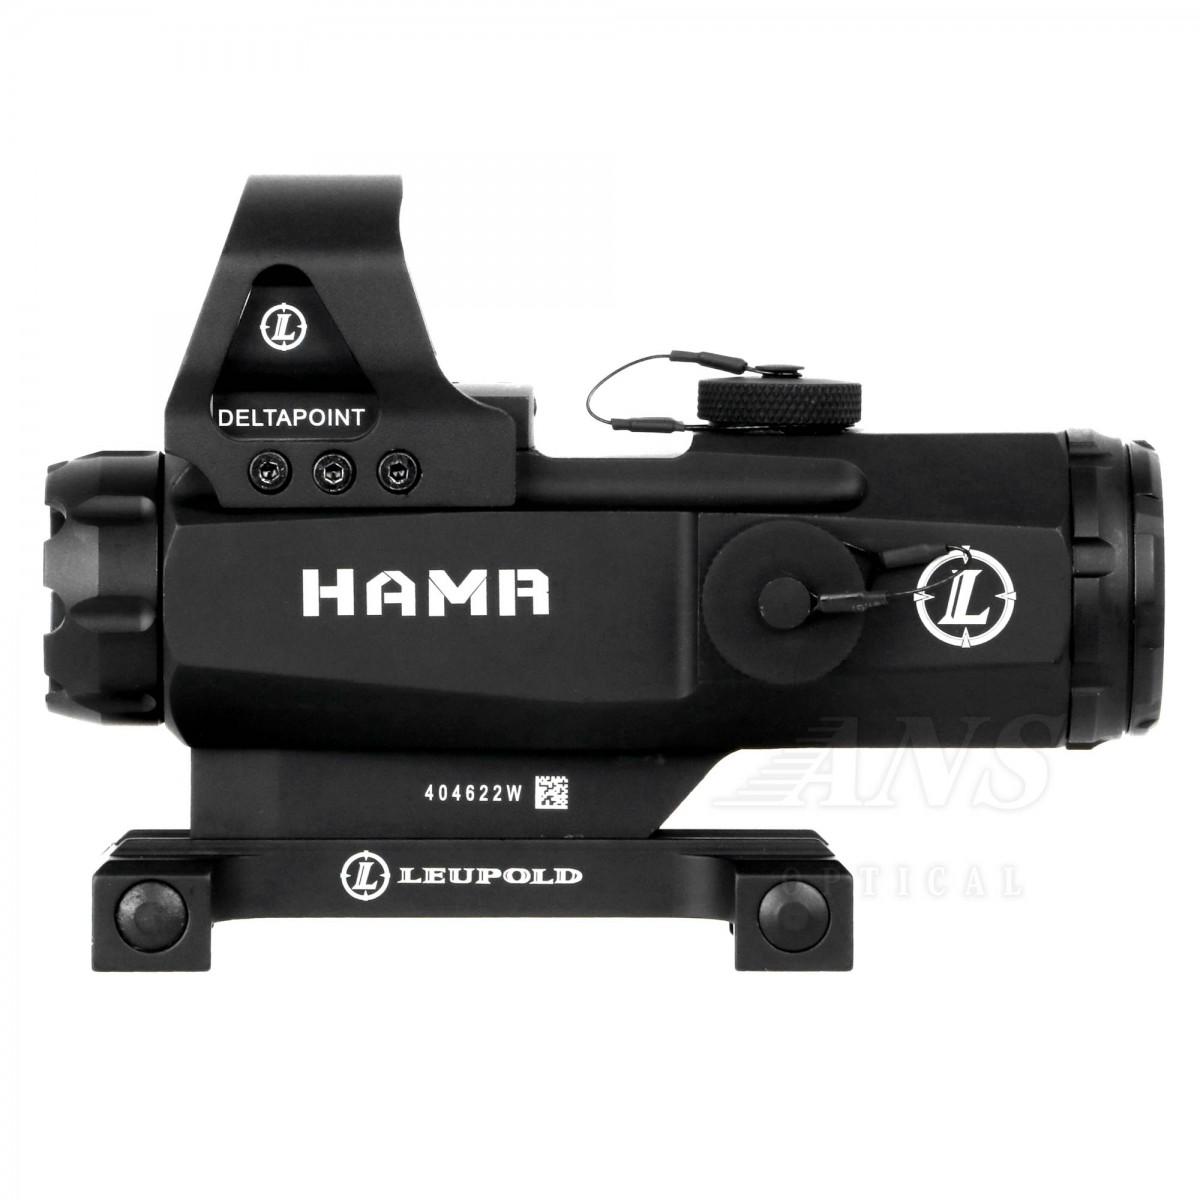 リューポルド Mark4 HAMR タイプ 4倍スコープ with デルタポイント タイプ ドットサイト